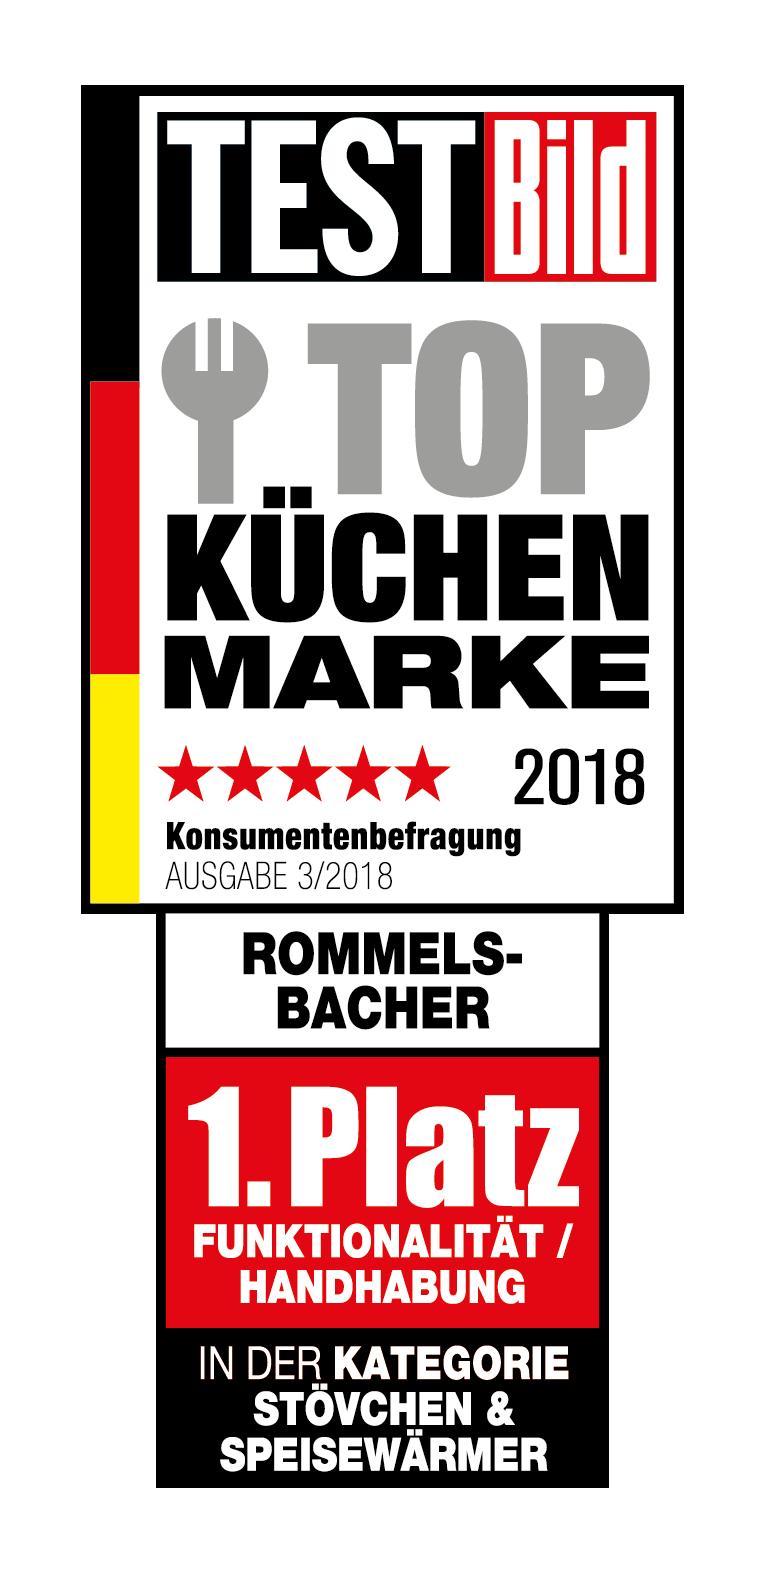 Rommelsbacher Testbild Küchenmarke 2018 Urkunde